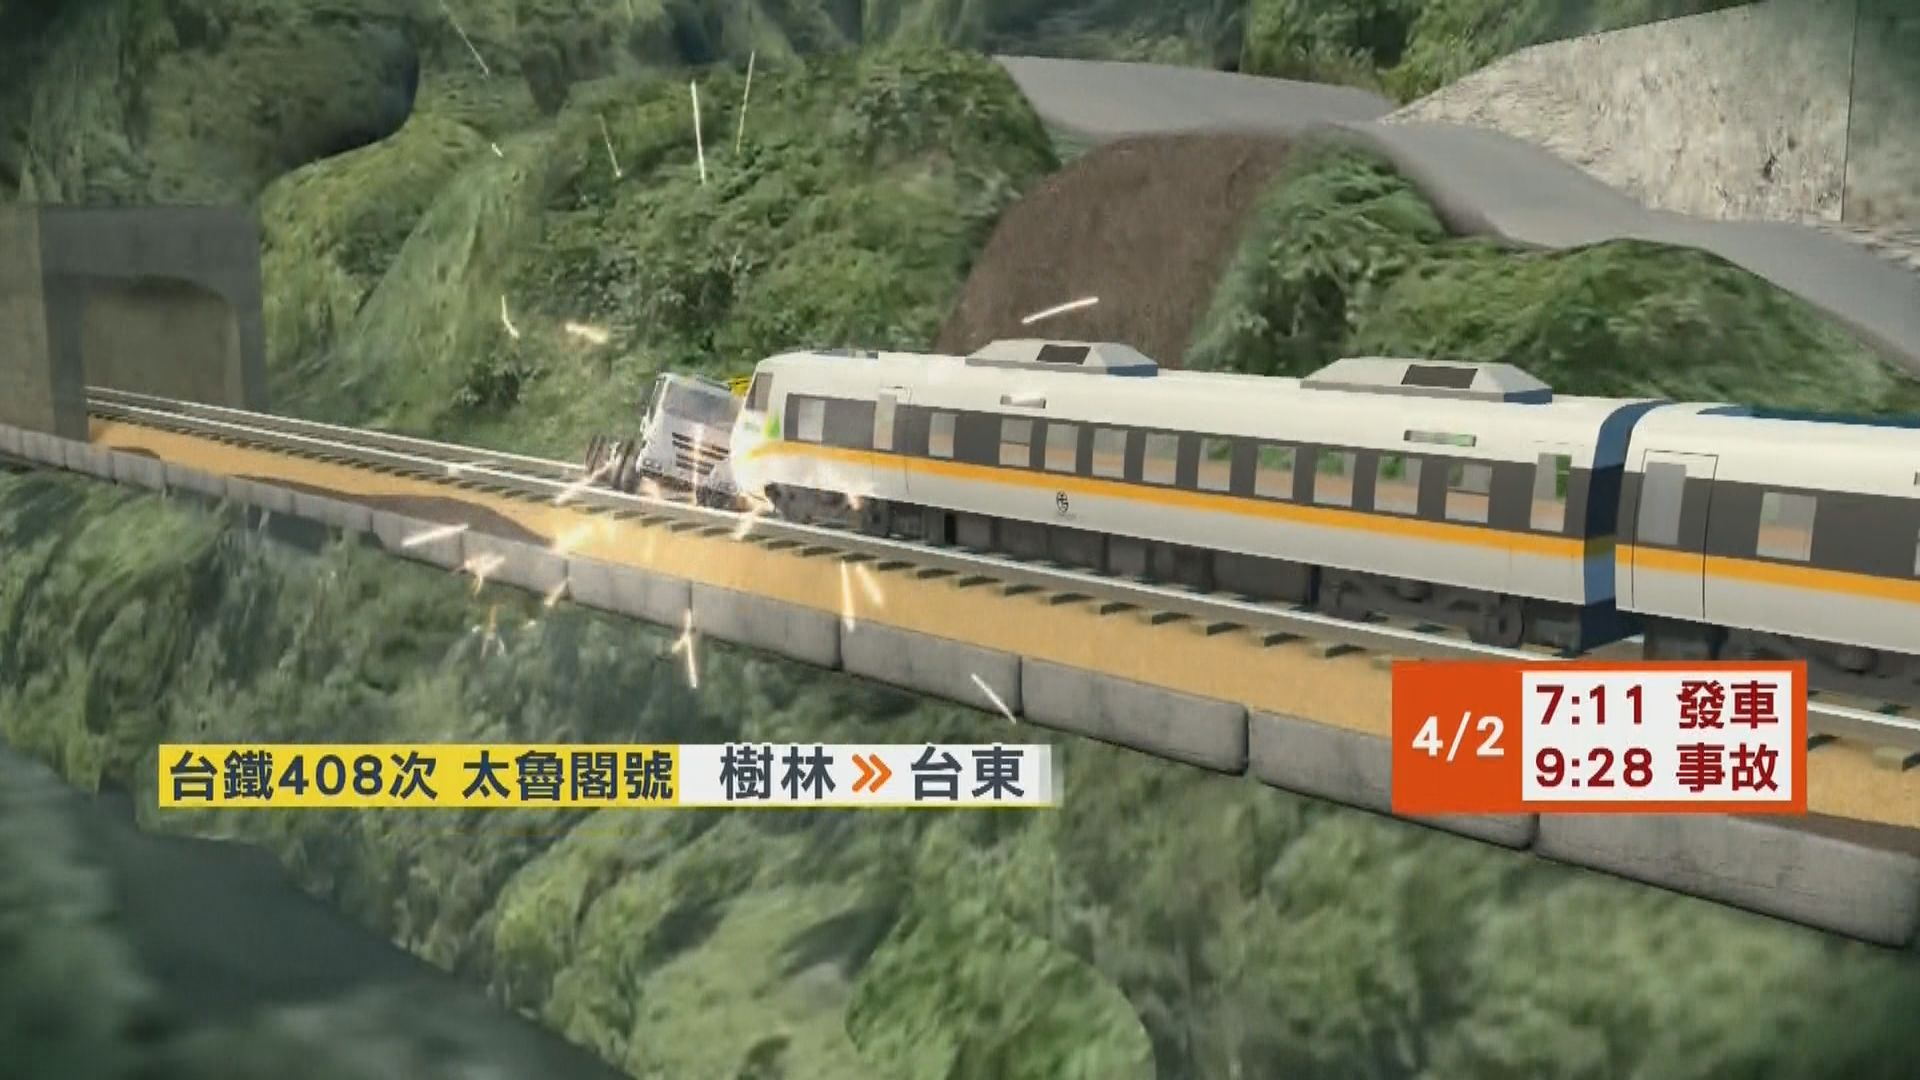 台鐵太魯閣號初步解讀報告預料最快星期二完成